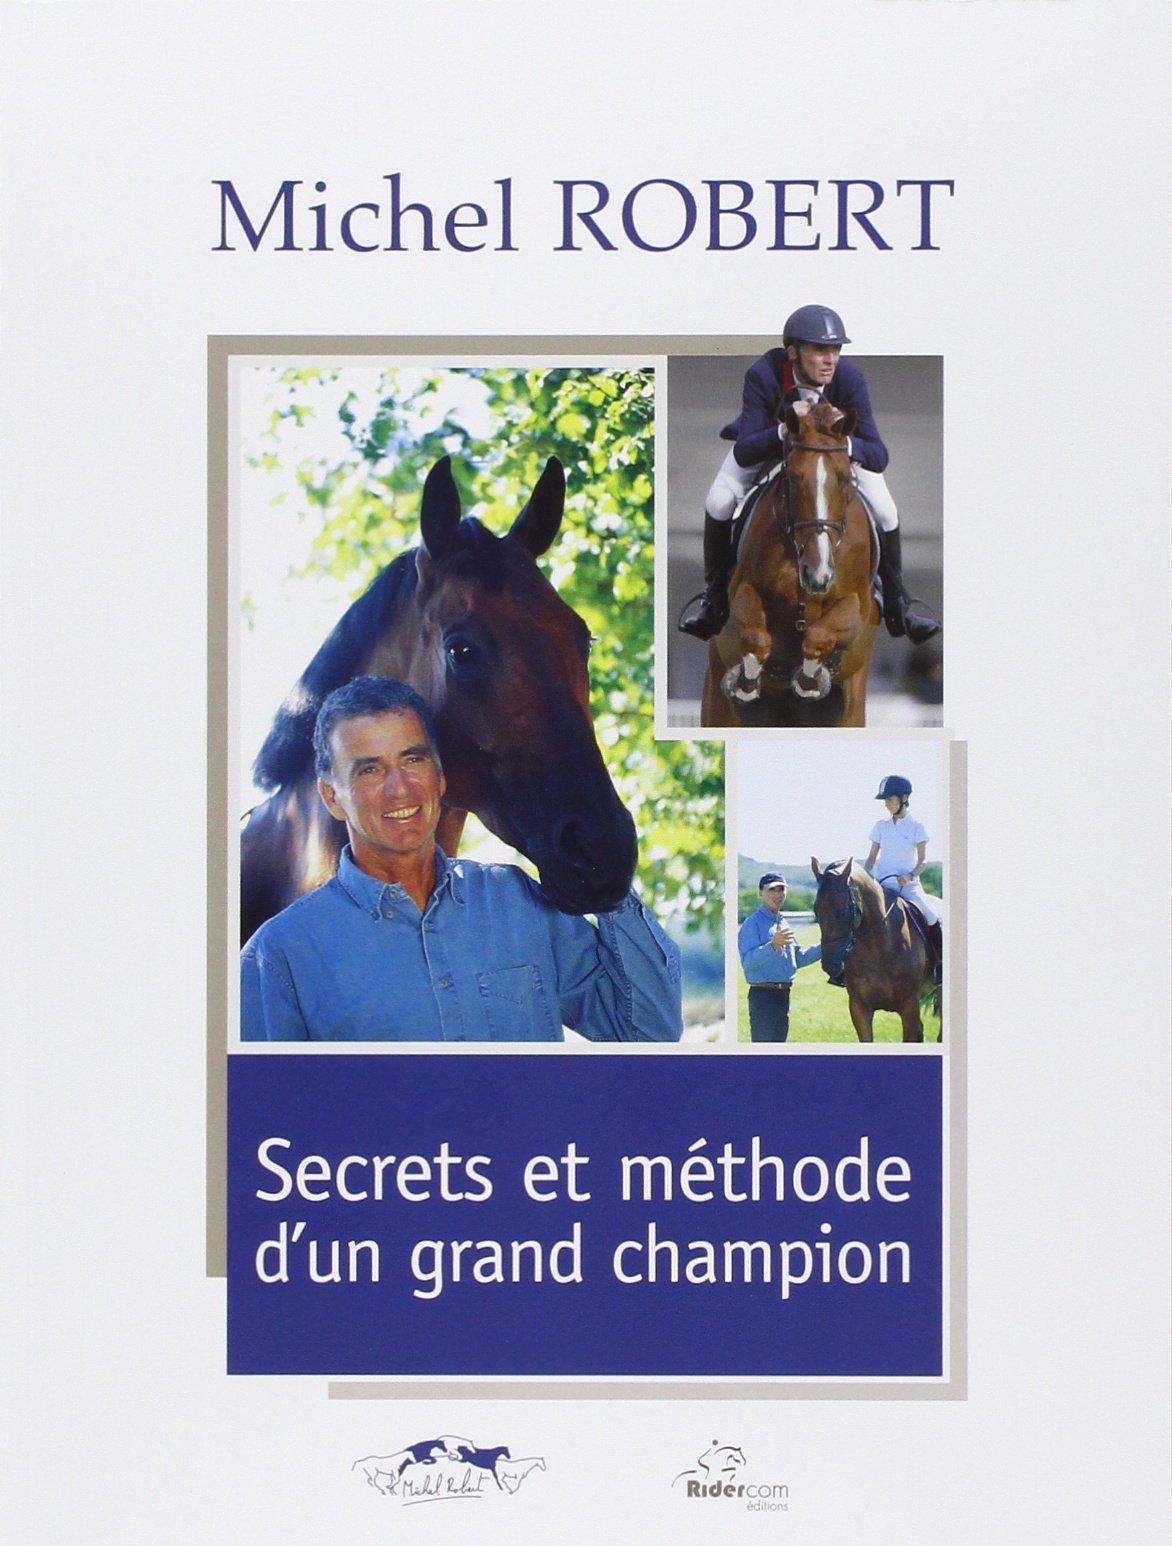 Michel robert - secrets et techniques (Arthésis): Amazon.es: Robert, Michel:  Libros en idiomas extranjeros